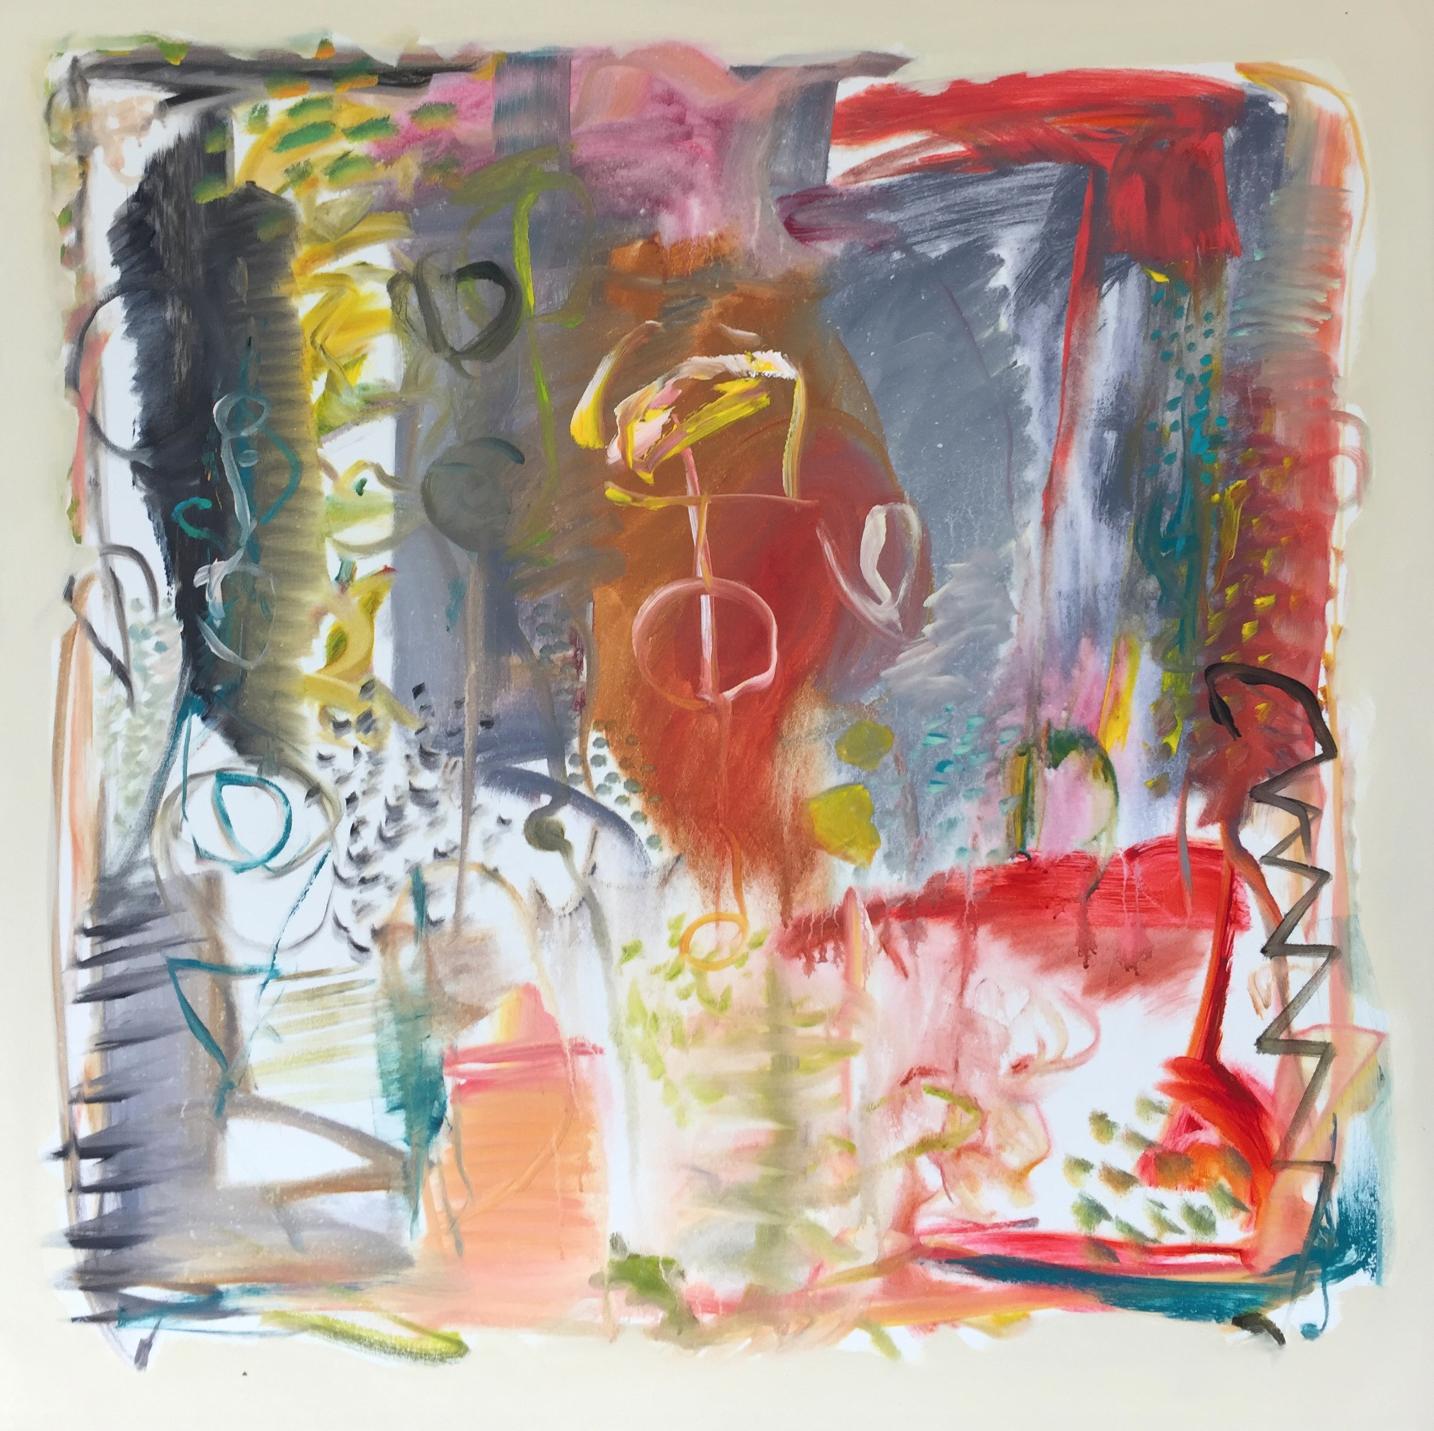 Lamar Briggs, Kyoken V  Acrylic on Canvas, 50x50 in.